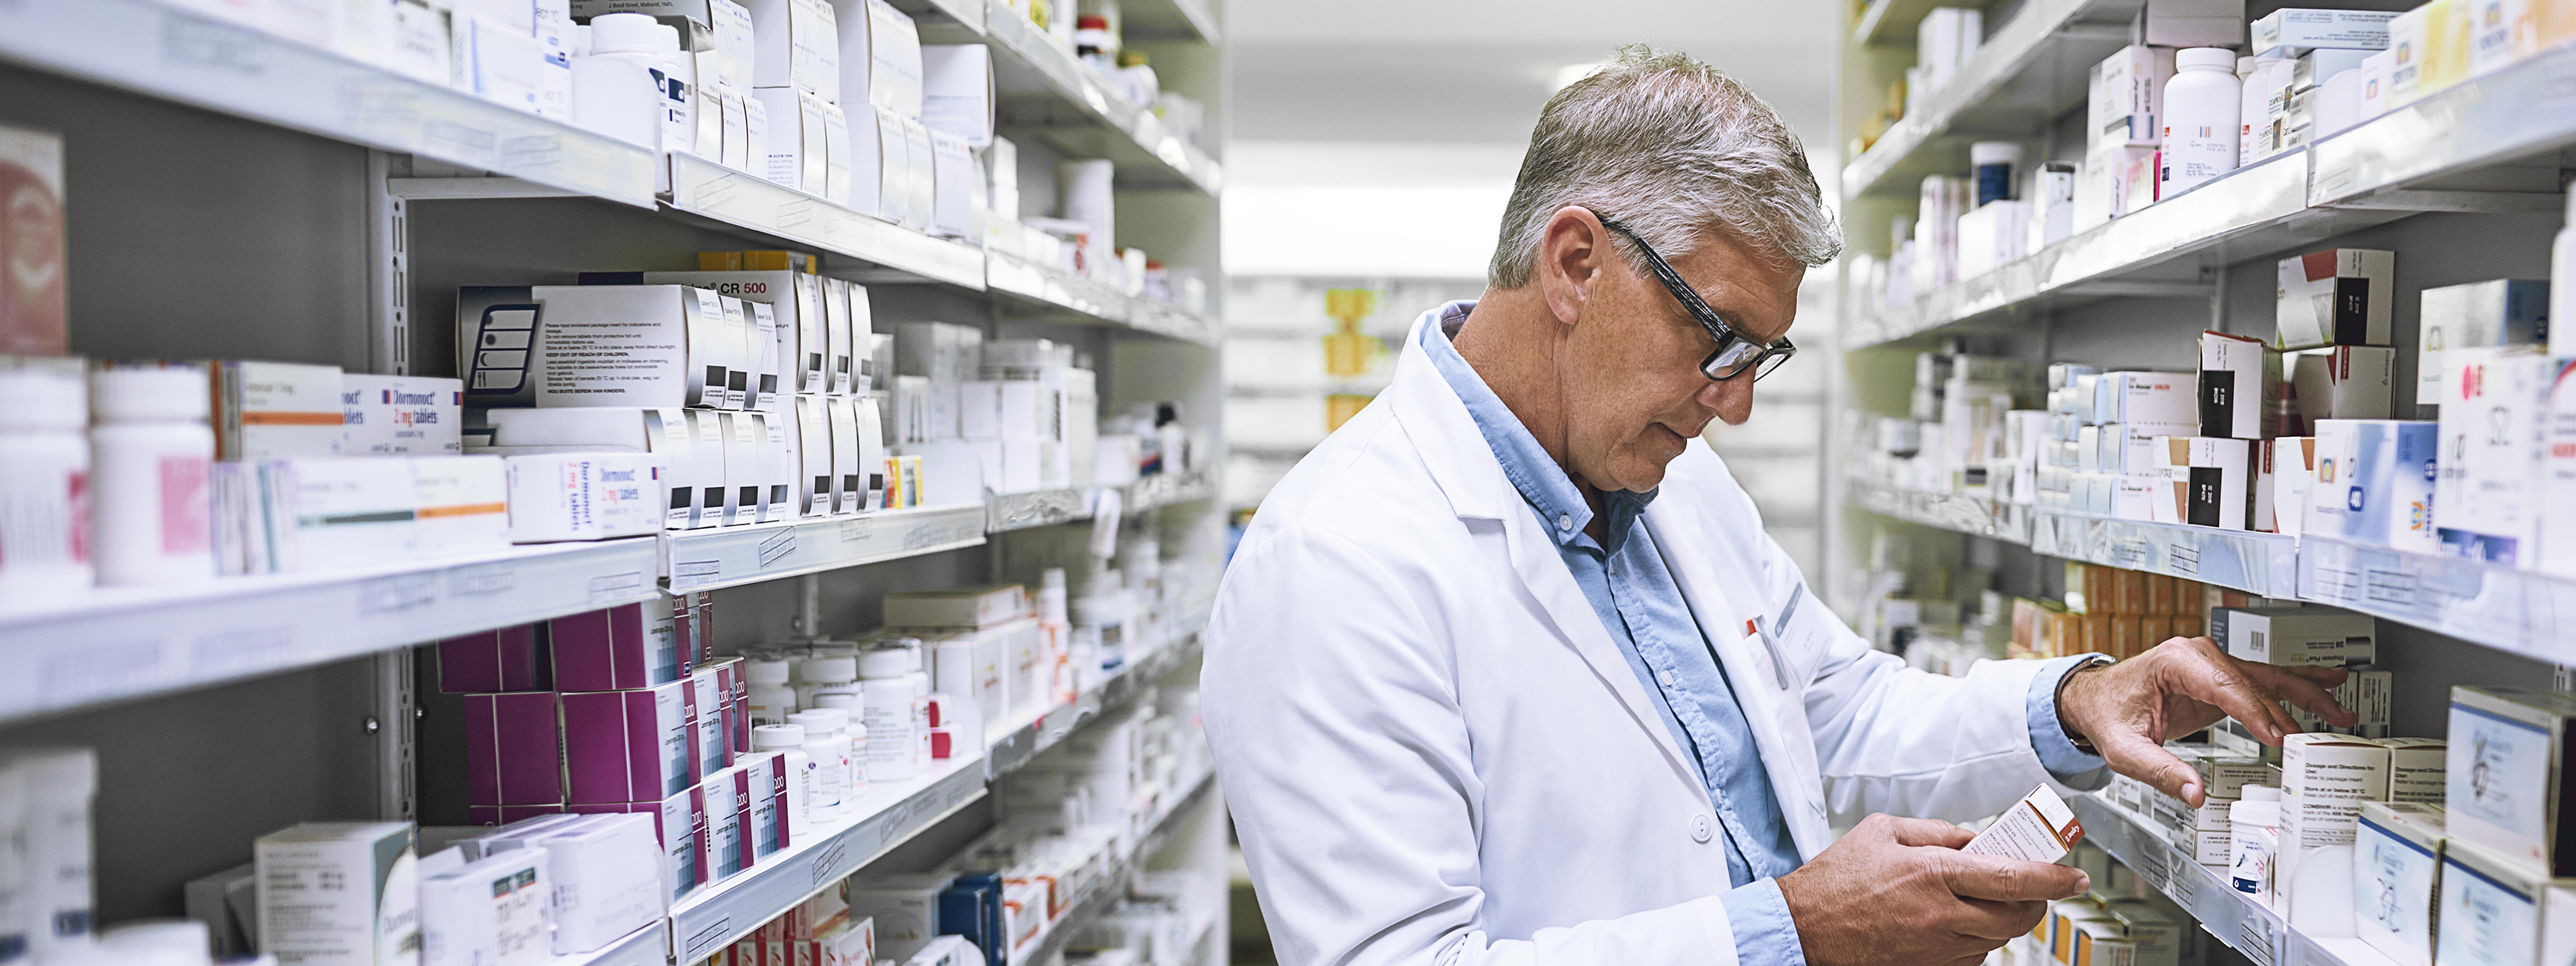 pharmaceuticals-drug store